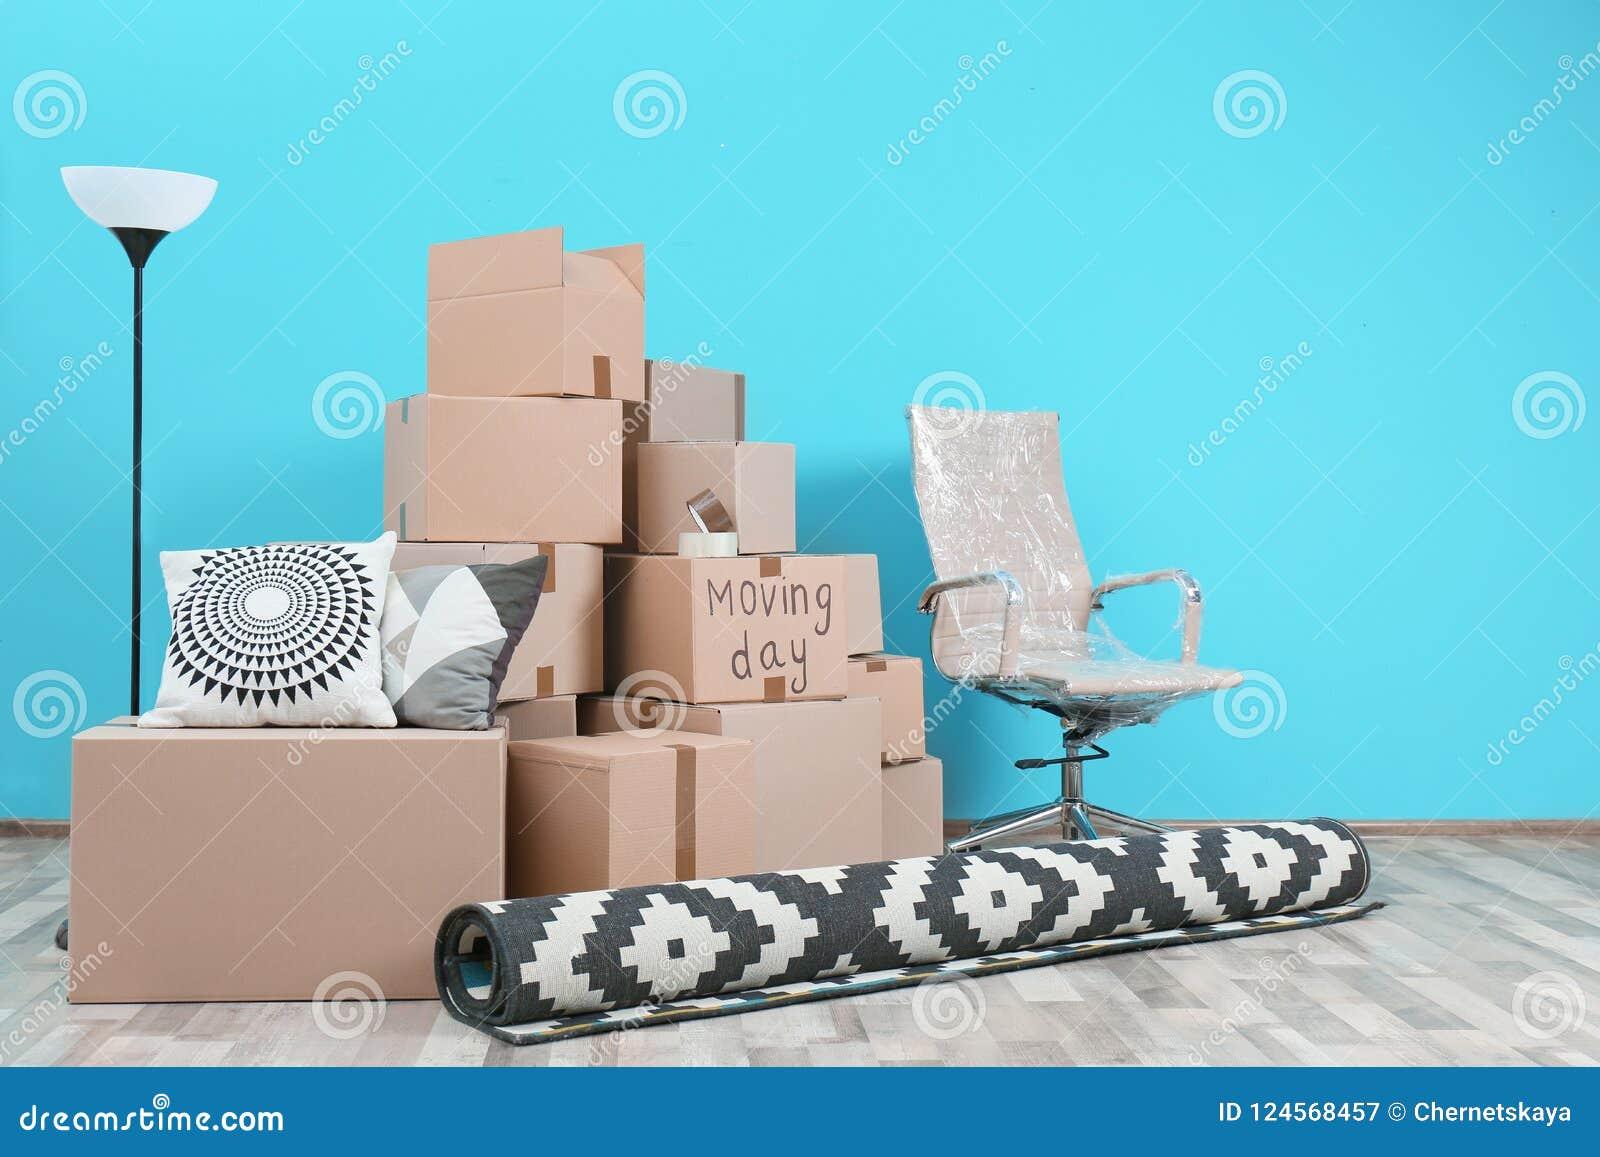 Cajas de cartón y materia de hogar en sitio vacío